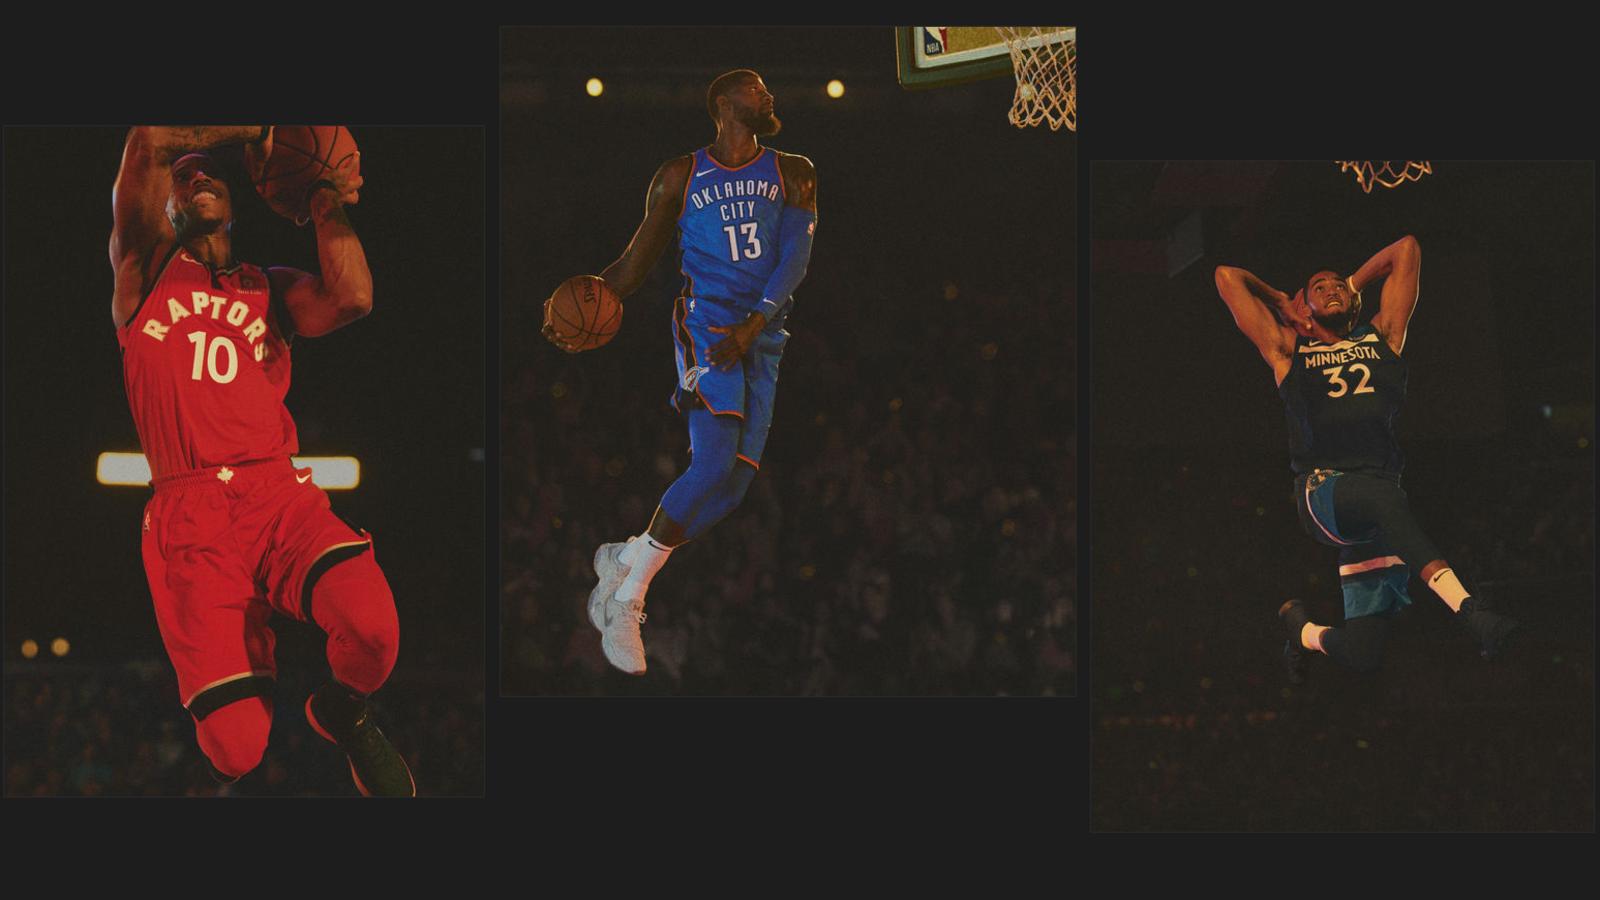 Nike NBA Basketball Jersey 10